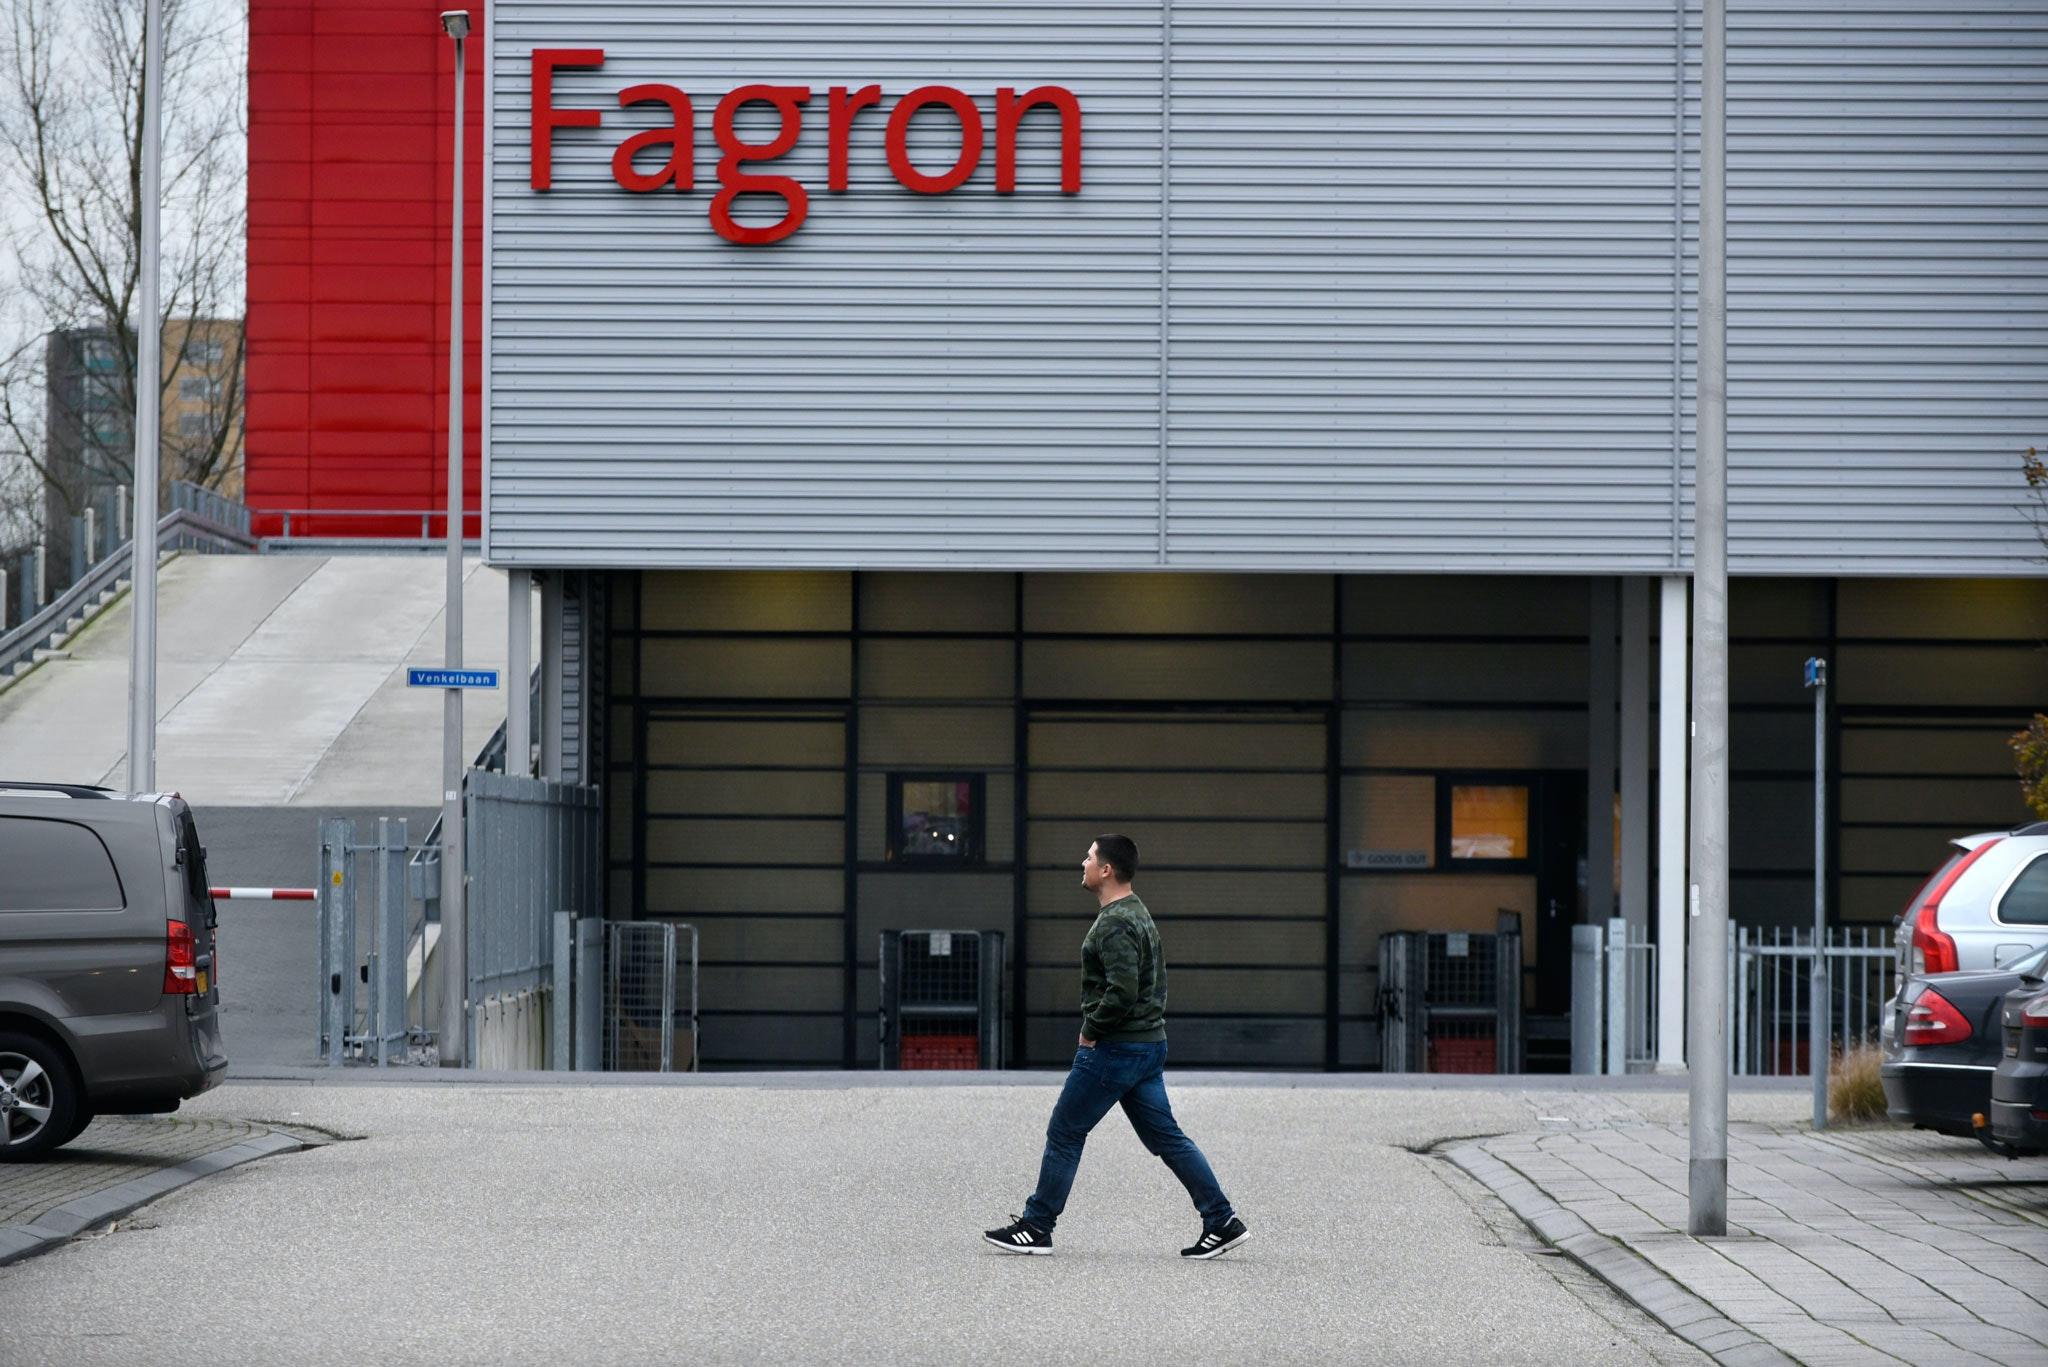 Reddingsoperatie Fagron in gevaar | Het Financieele Dagblad Aandeel Fagron